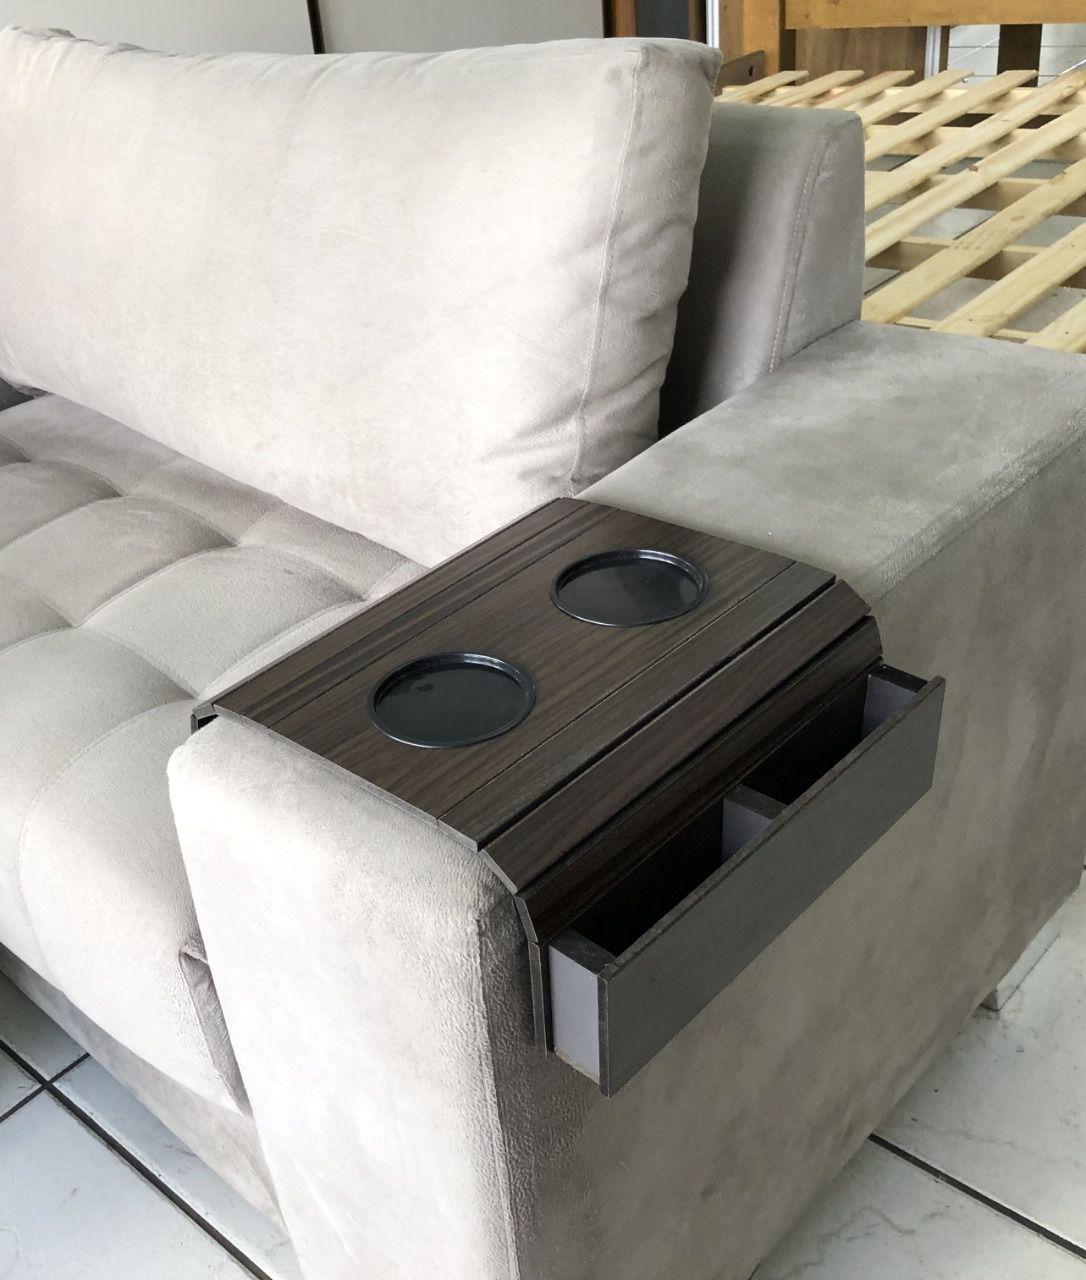 COPY-21-Kit Suporte Porta Copos E Controle Para Braço Sofá DM Interiores